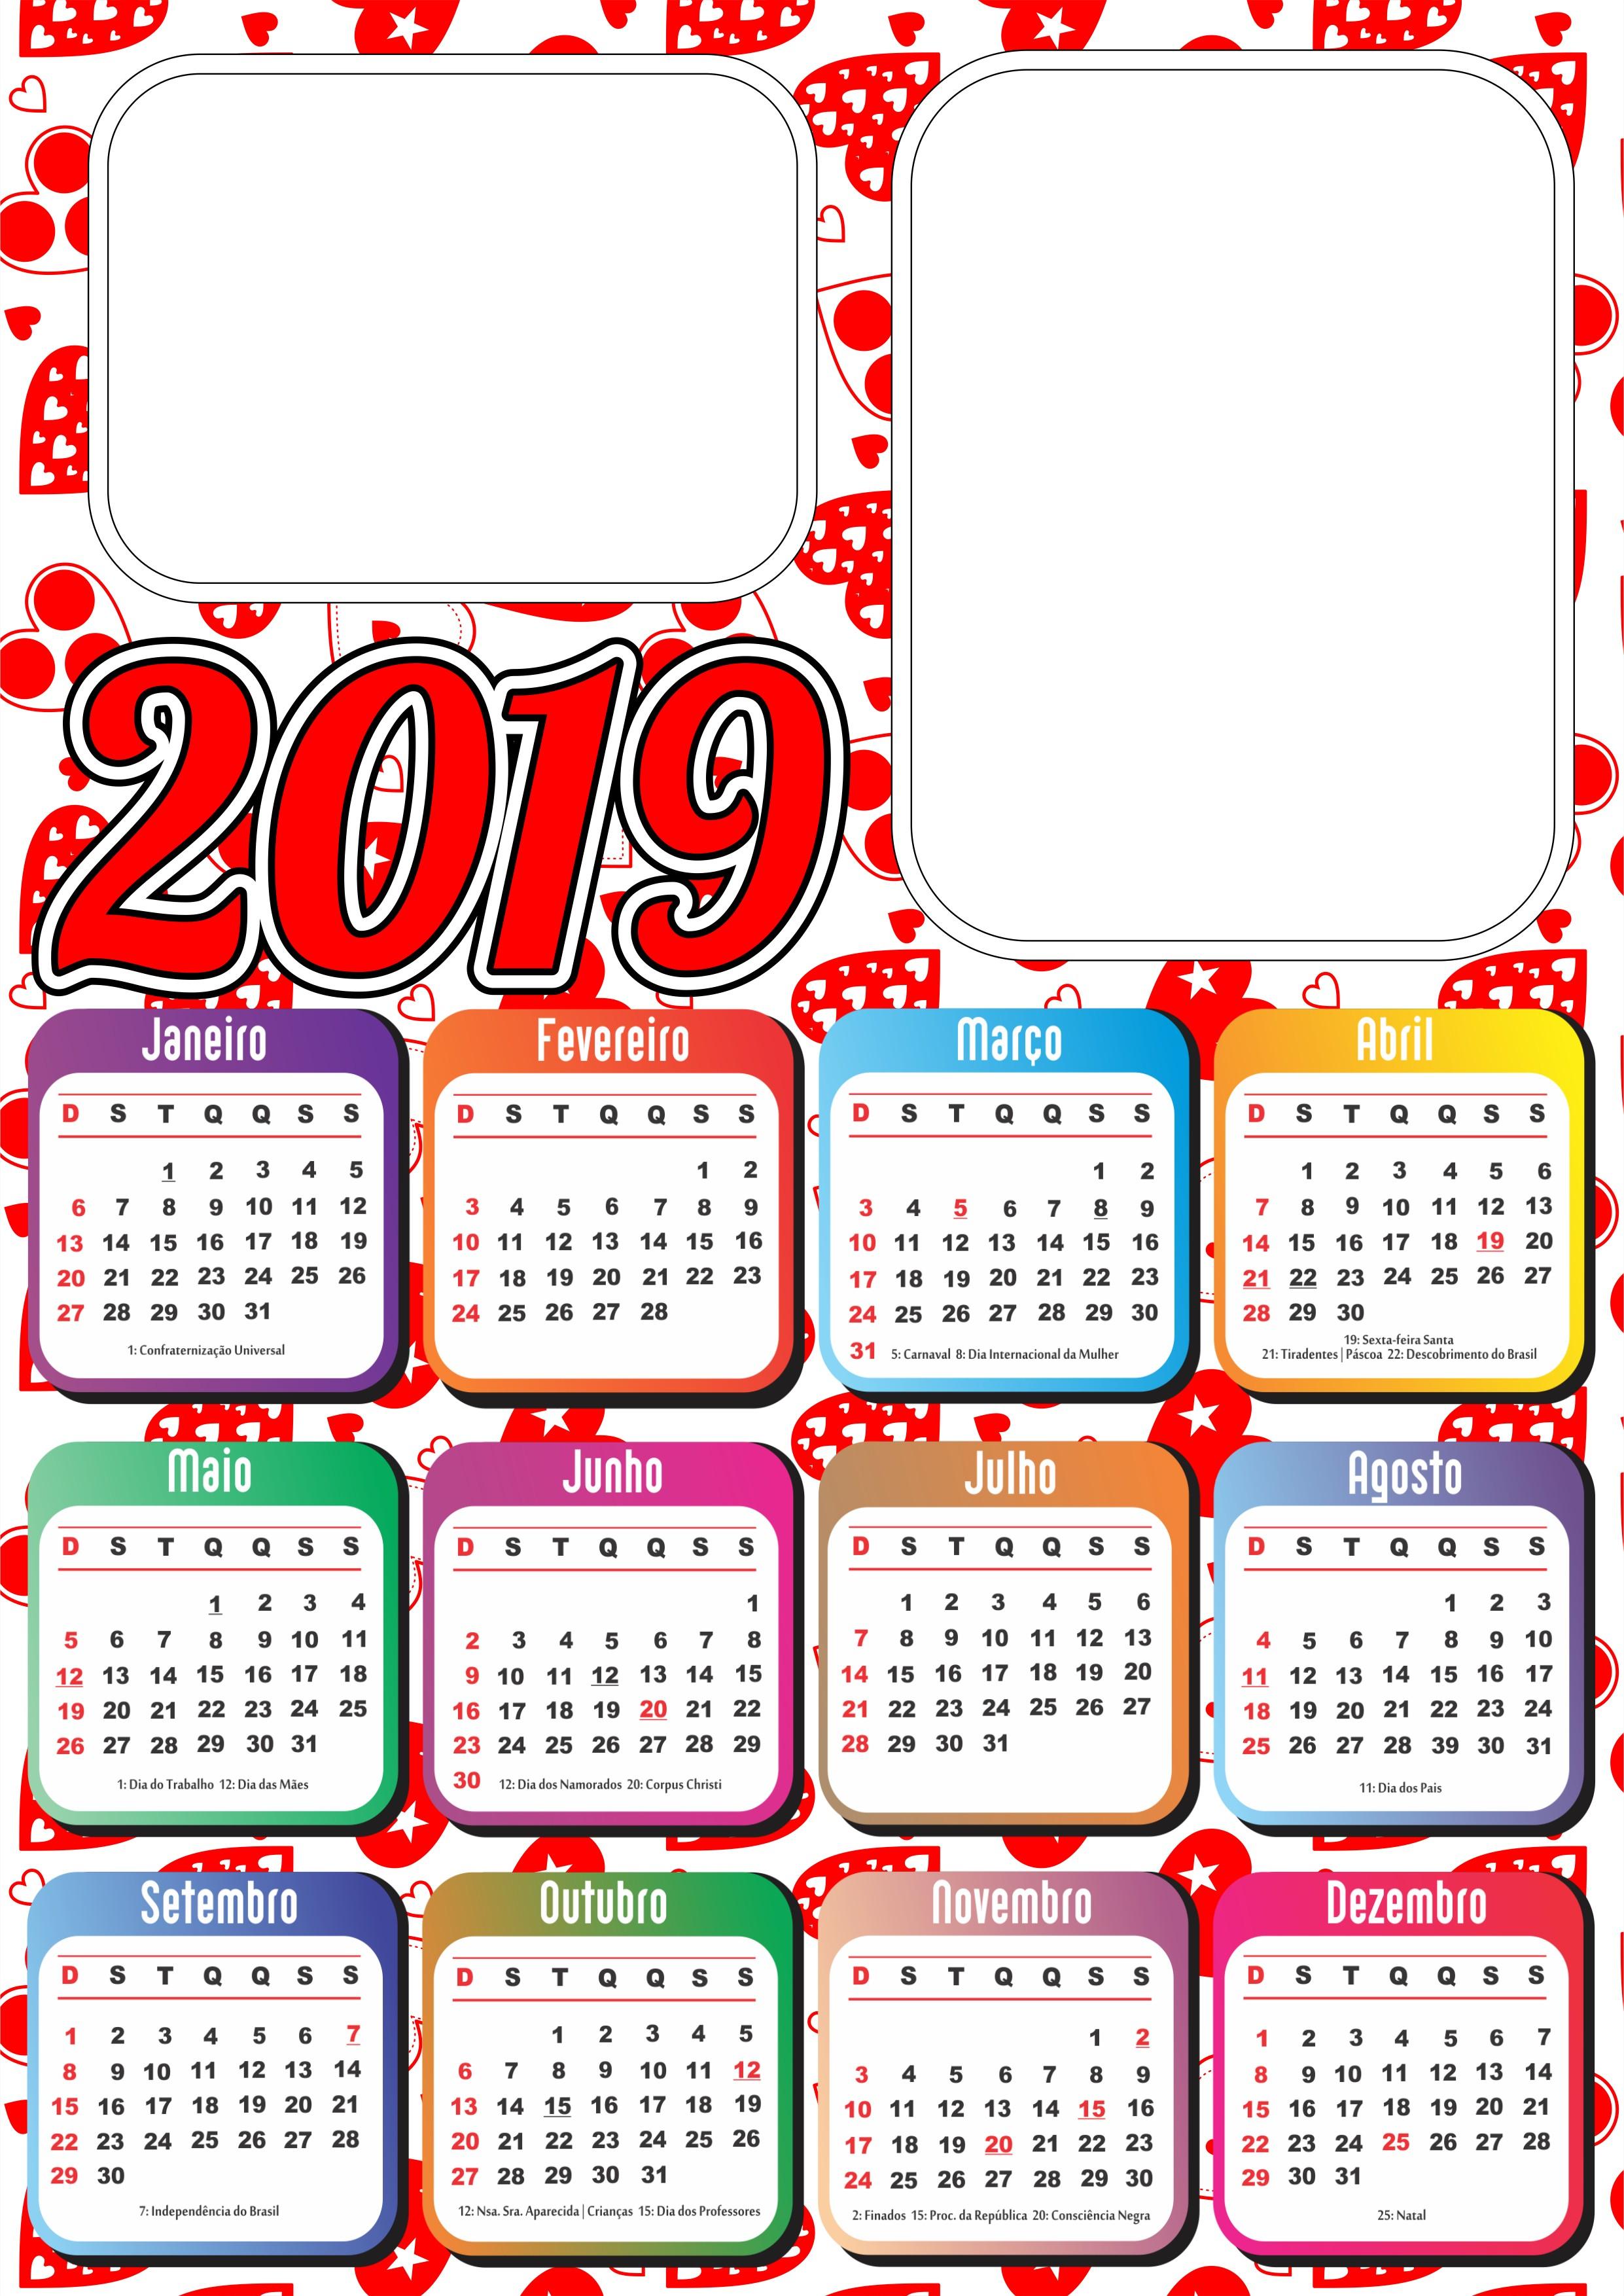 Calendario 2019 Junho Más Recientes Calendário 2019 Calendário 2019 Of Calendario 2019 Junho Más Arriba-a-fecha Municpio Das Lajes Do Pico Download Agenda